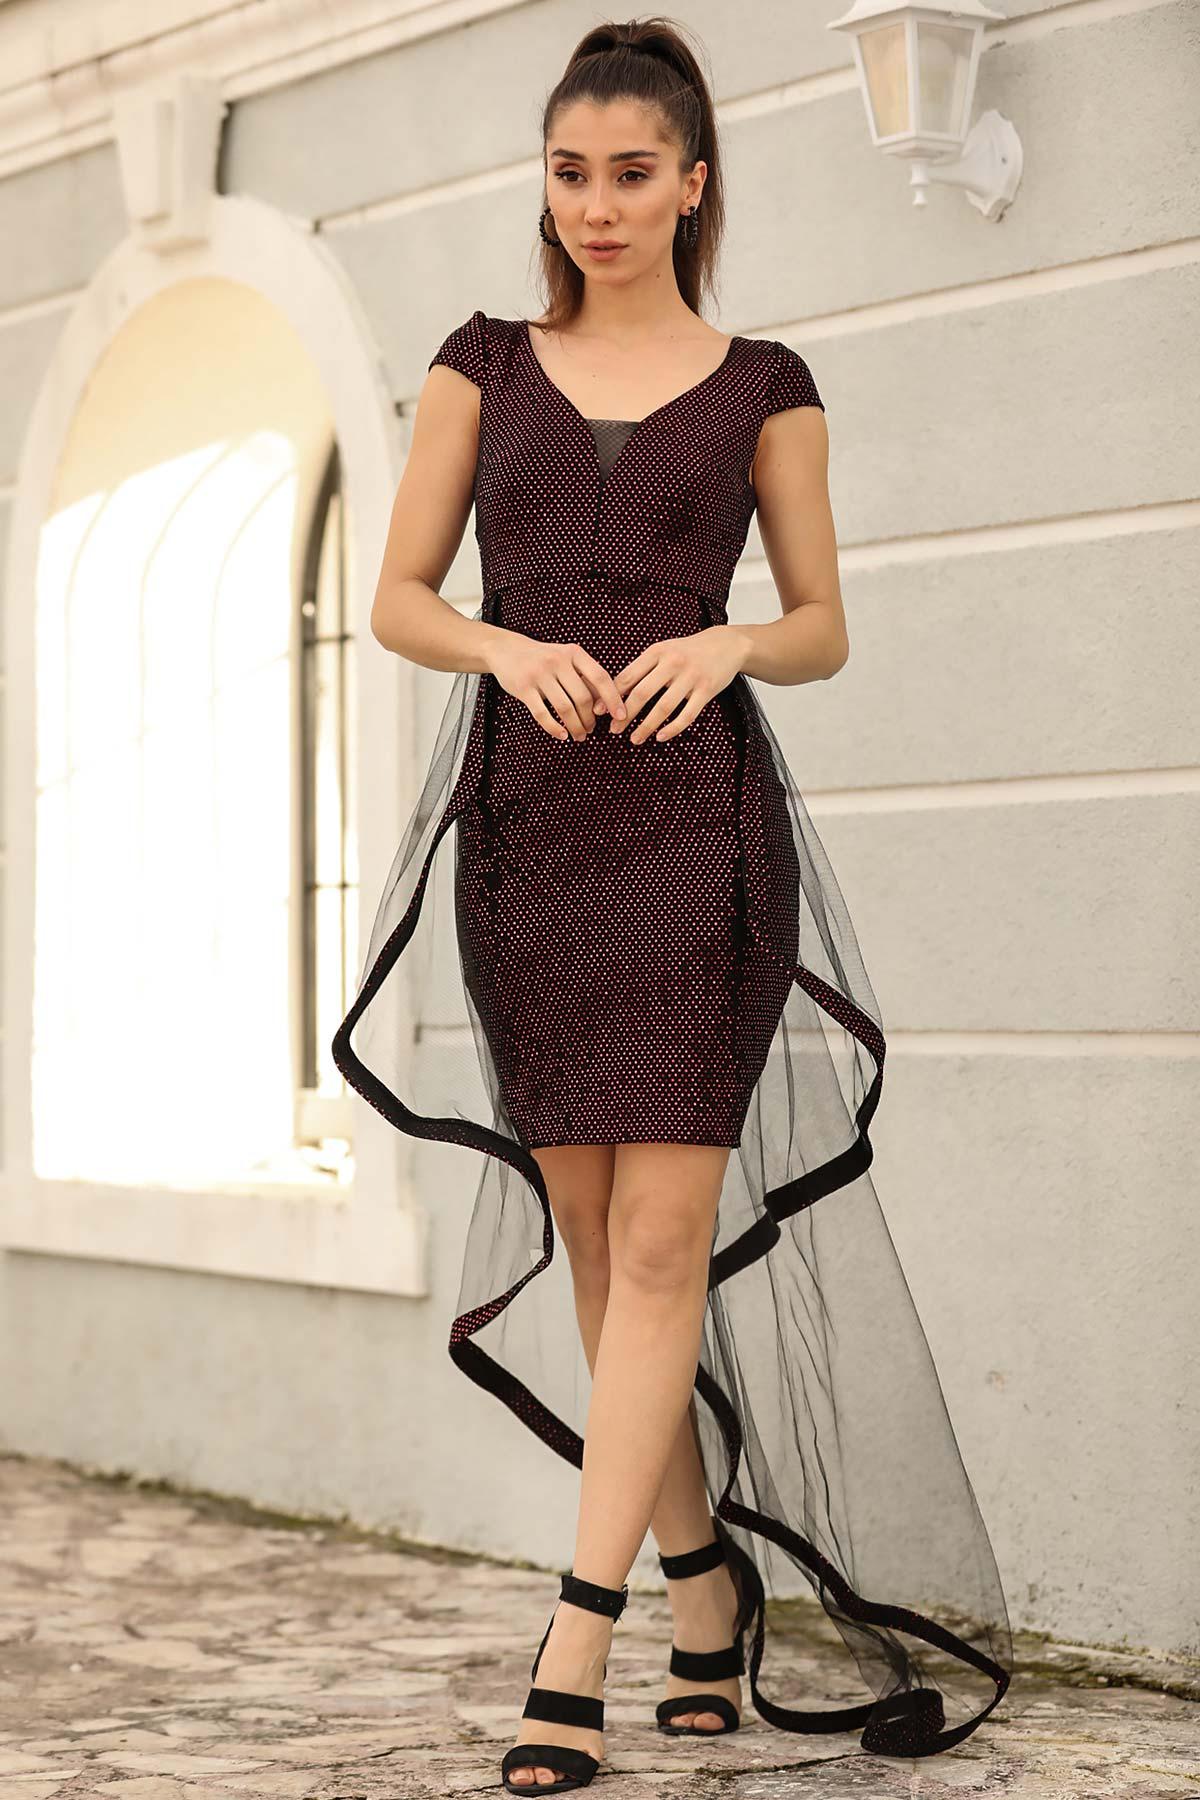 Women's Sequin Red Dress